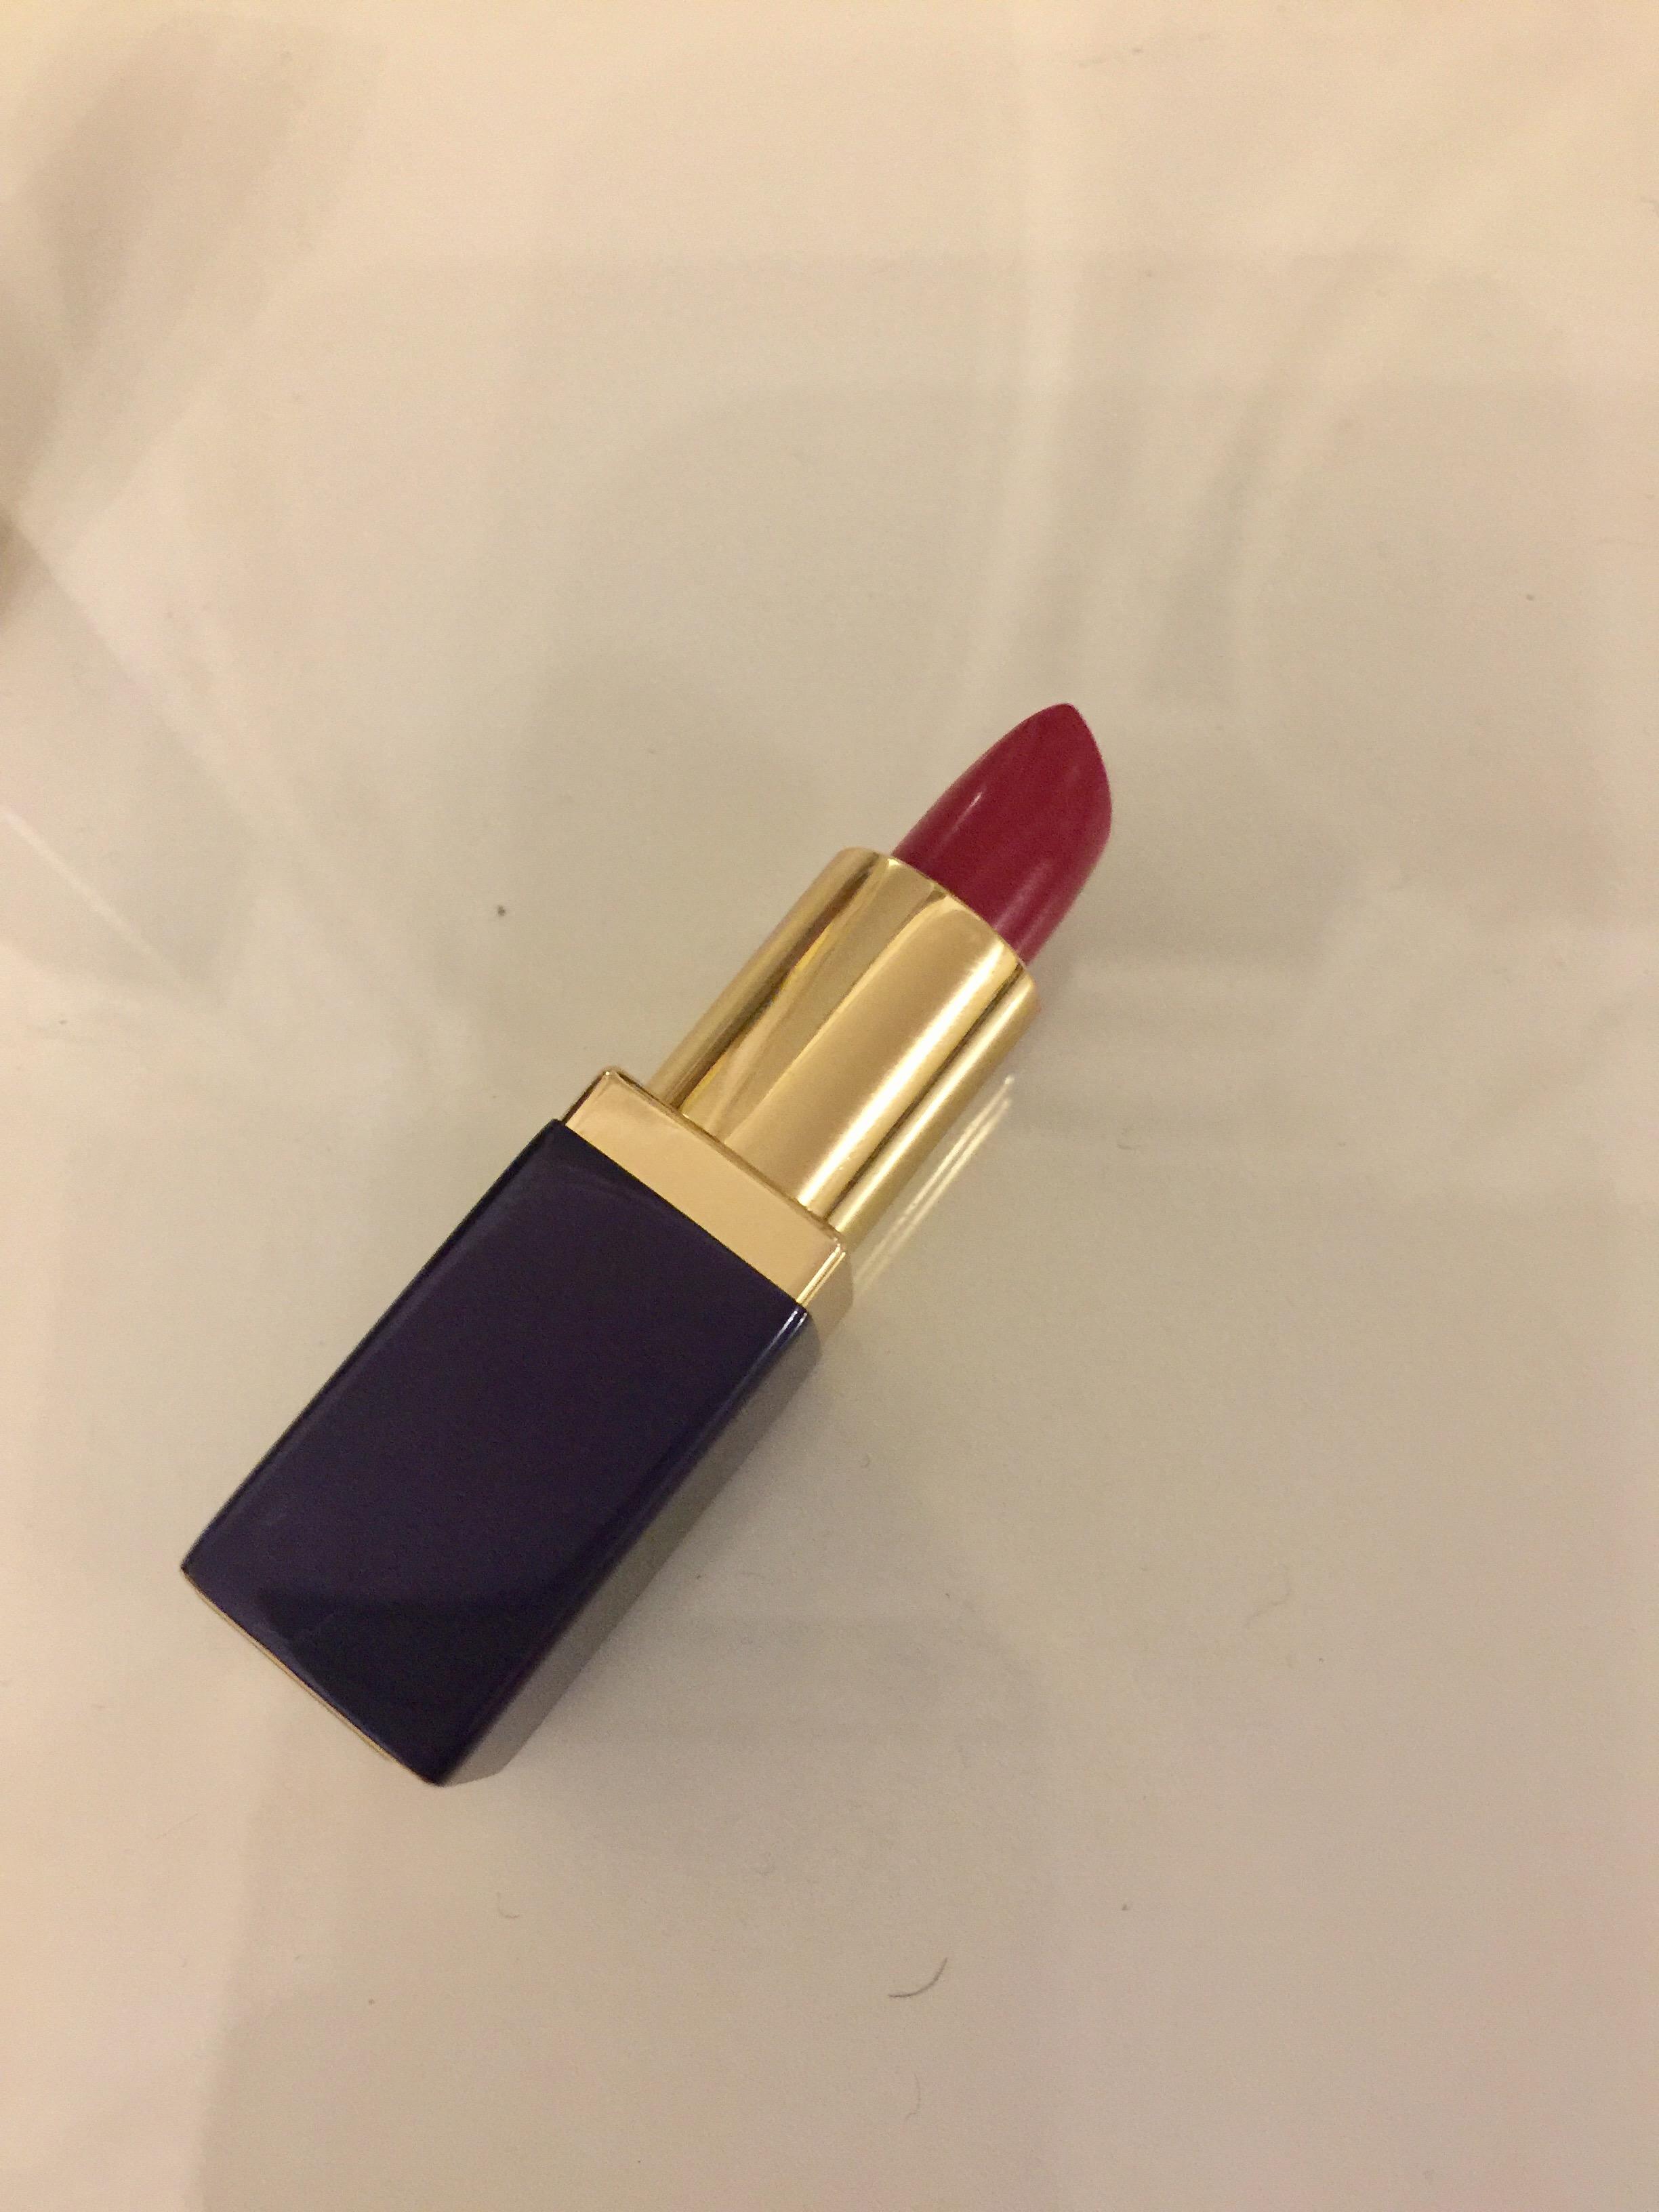 Estée Lauder Pure Colour Envy Lipstick Swatches